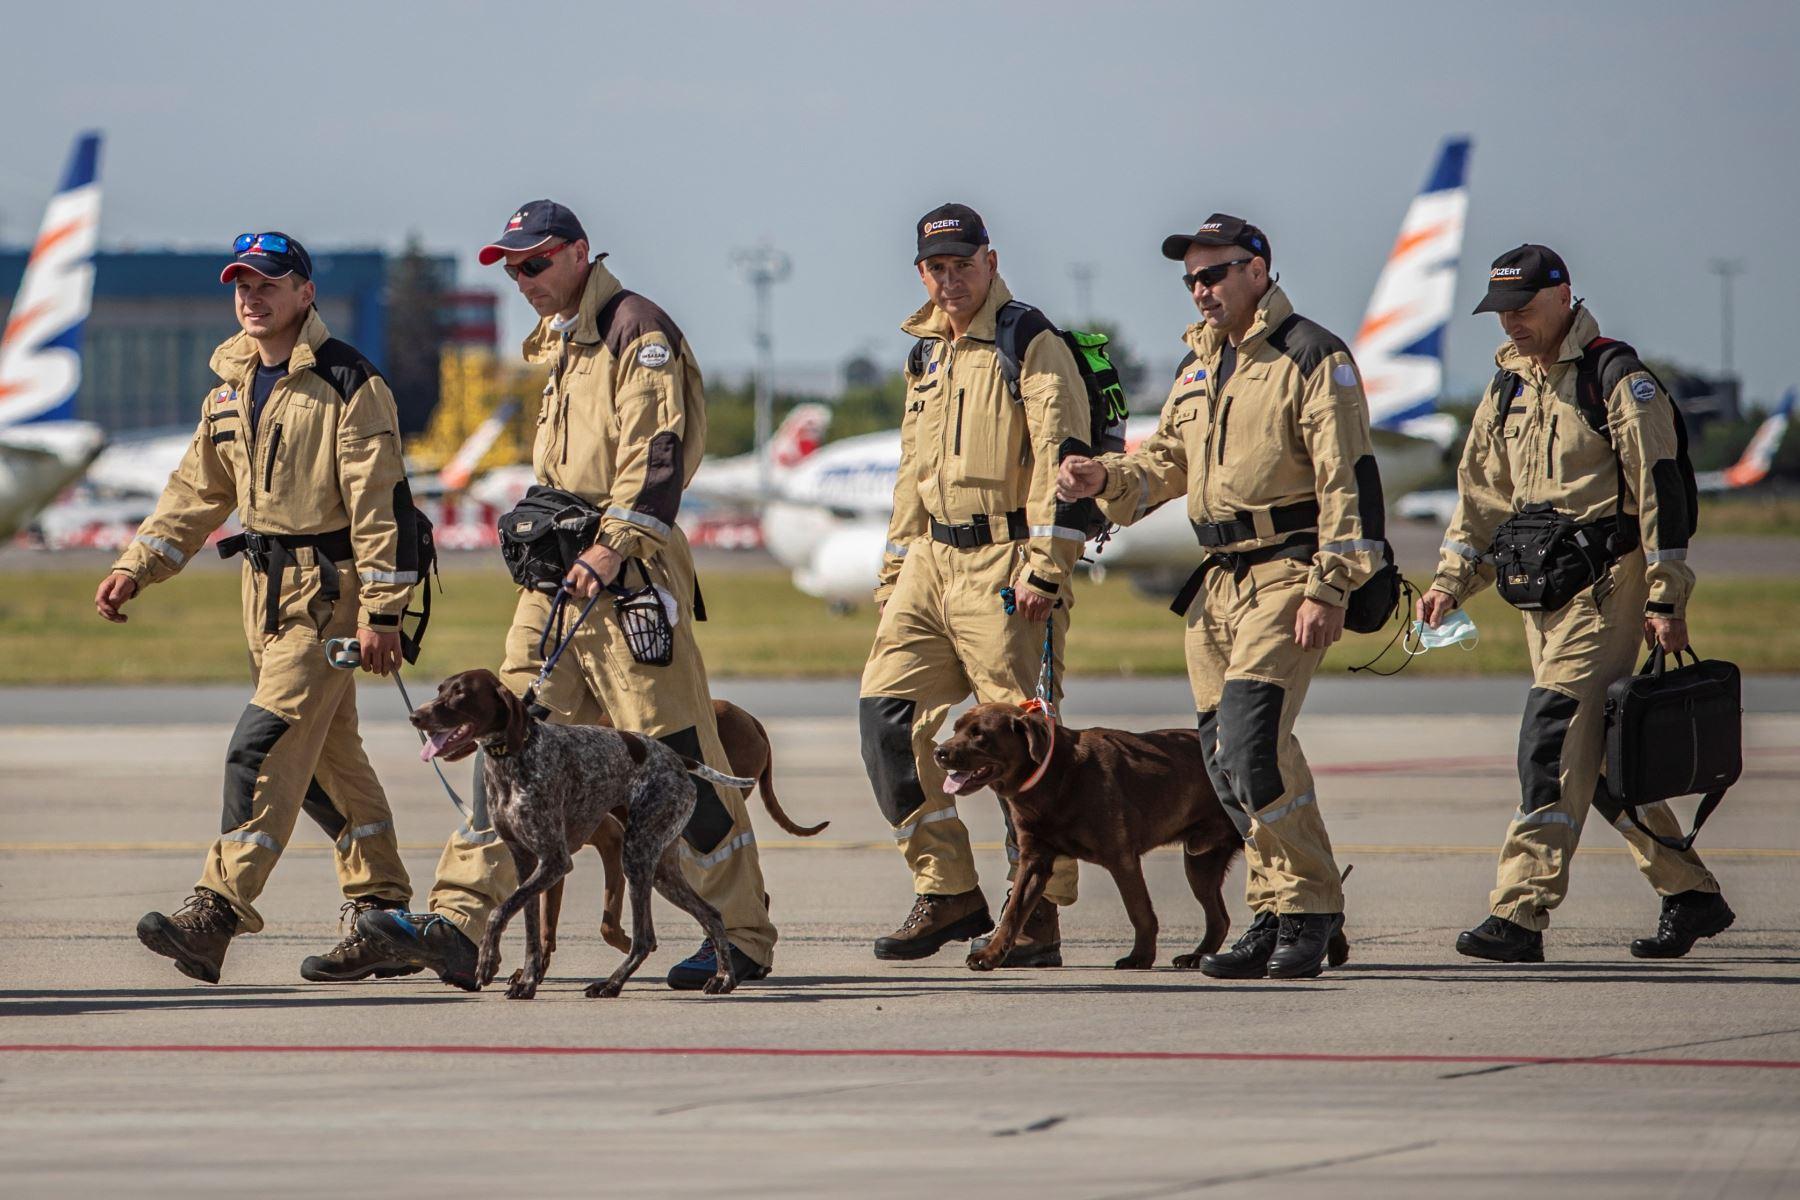 Personal de búsqueda y rescate urbano (USAR) de la República Checa viaja a  Beirut con 37 expertos en búsqueda y 5 perros para apoyar a en los rescates en Beirut tras la explosión que devastó nación de Oriente Medio. Foto: EFE